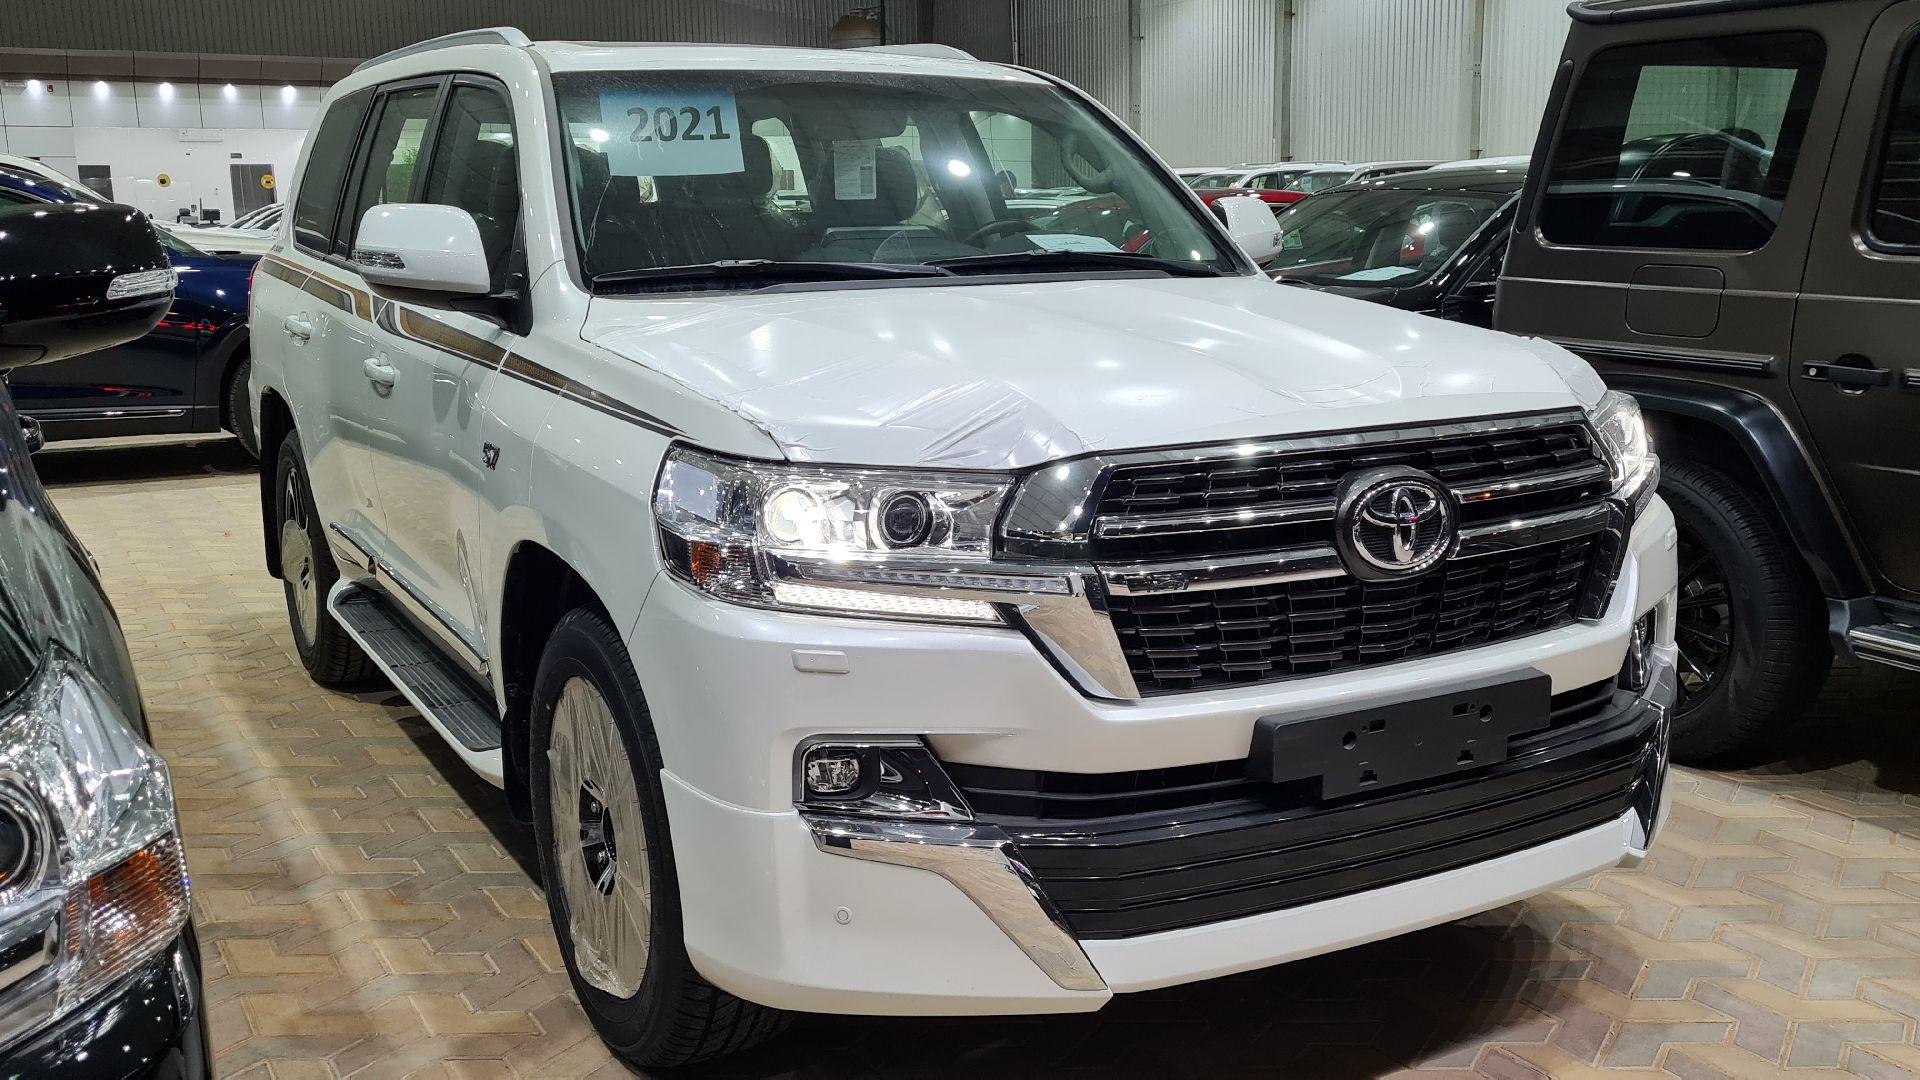 تويوتا لاندكروزر VXR فل 2021 دبل بريمي جديد للبيع في الرياض - السعودية - صورة كبيرة - 2